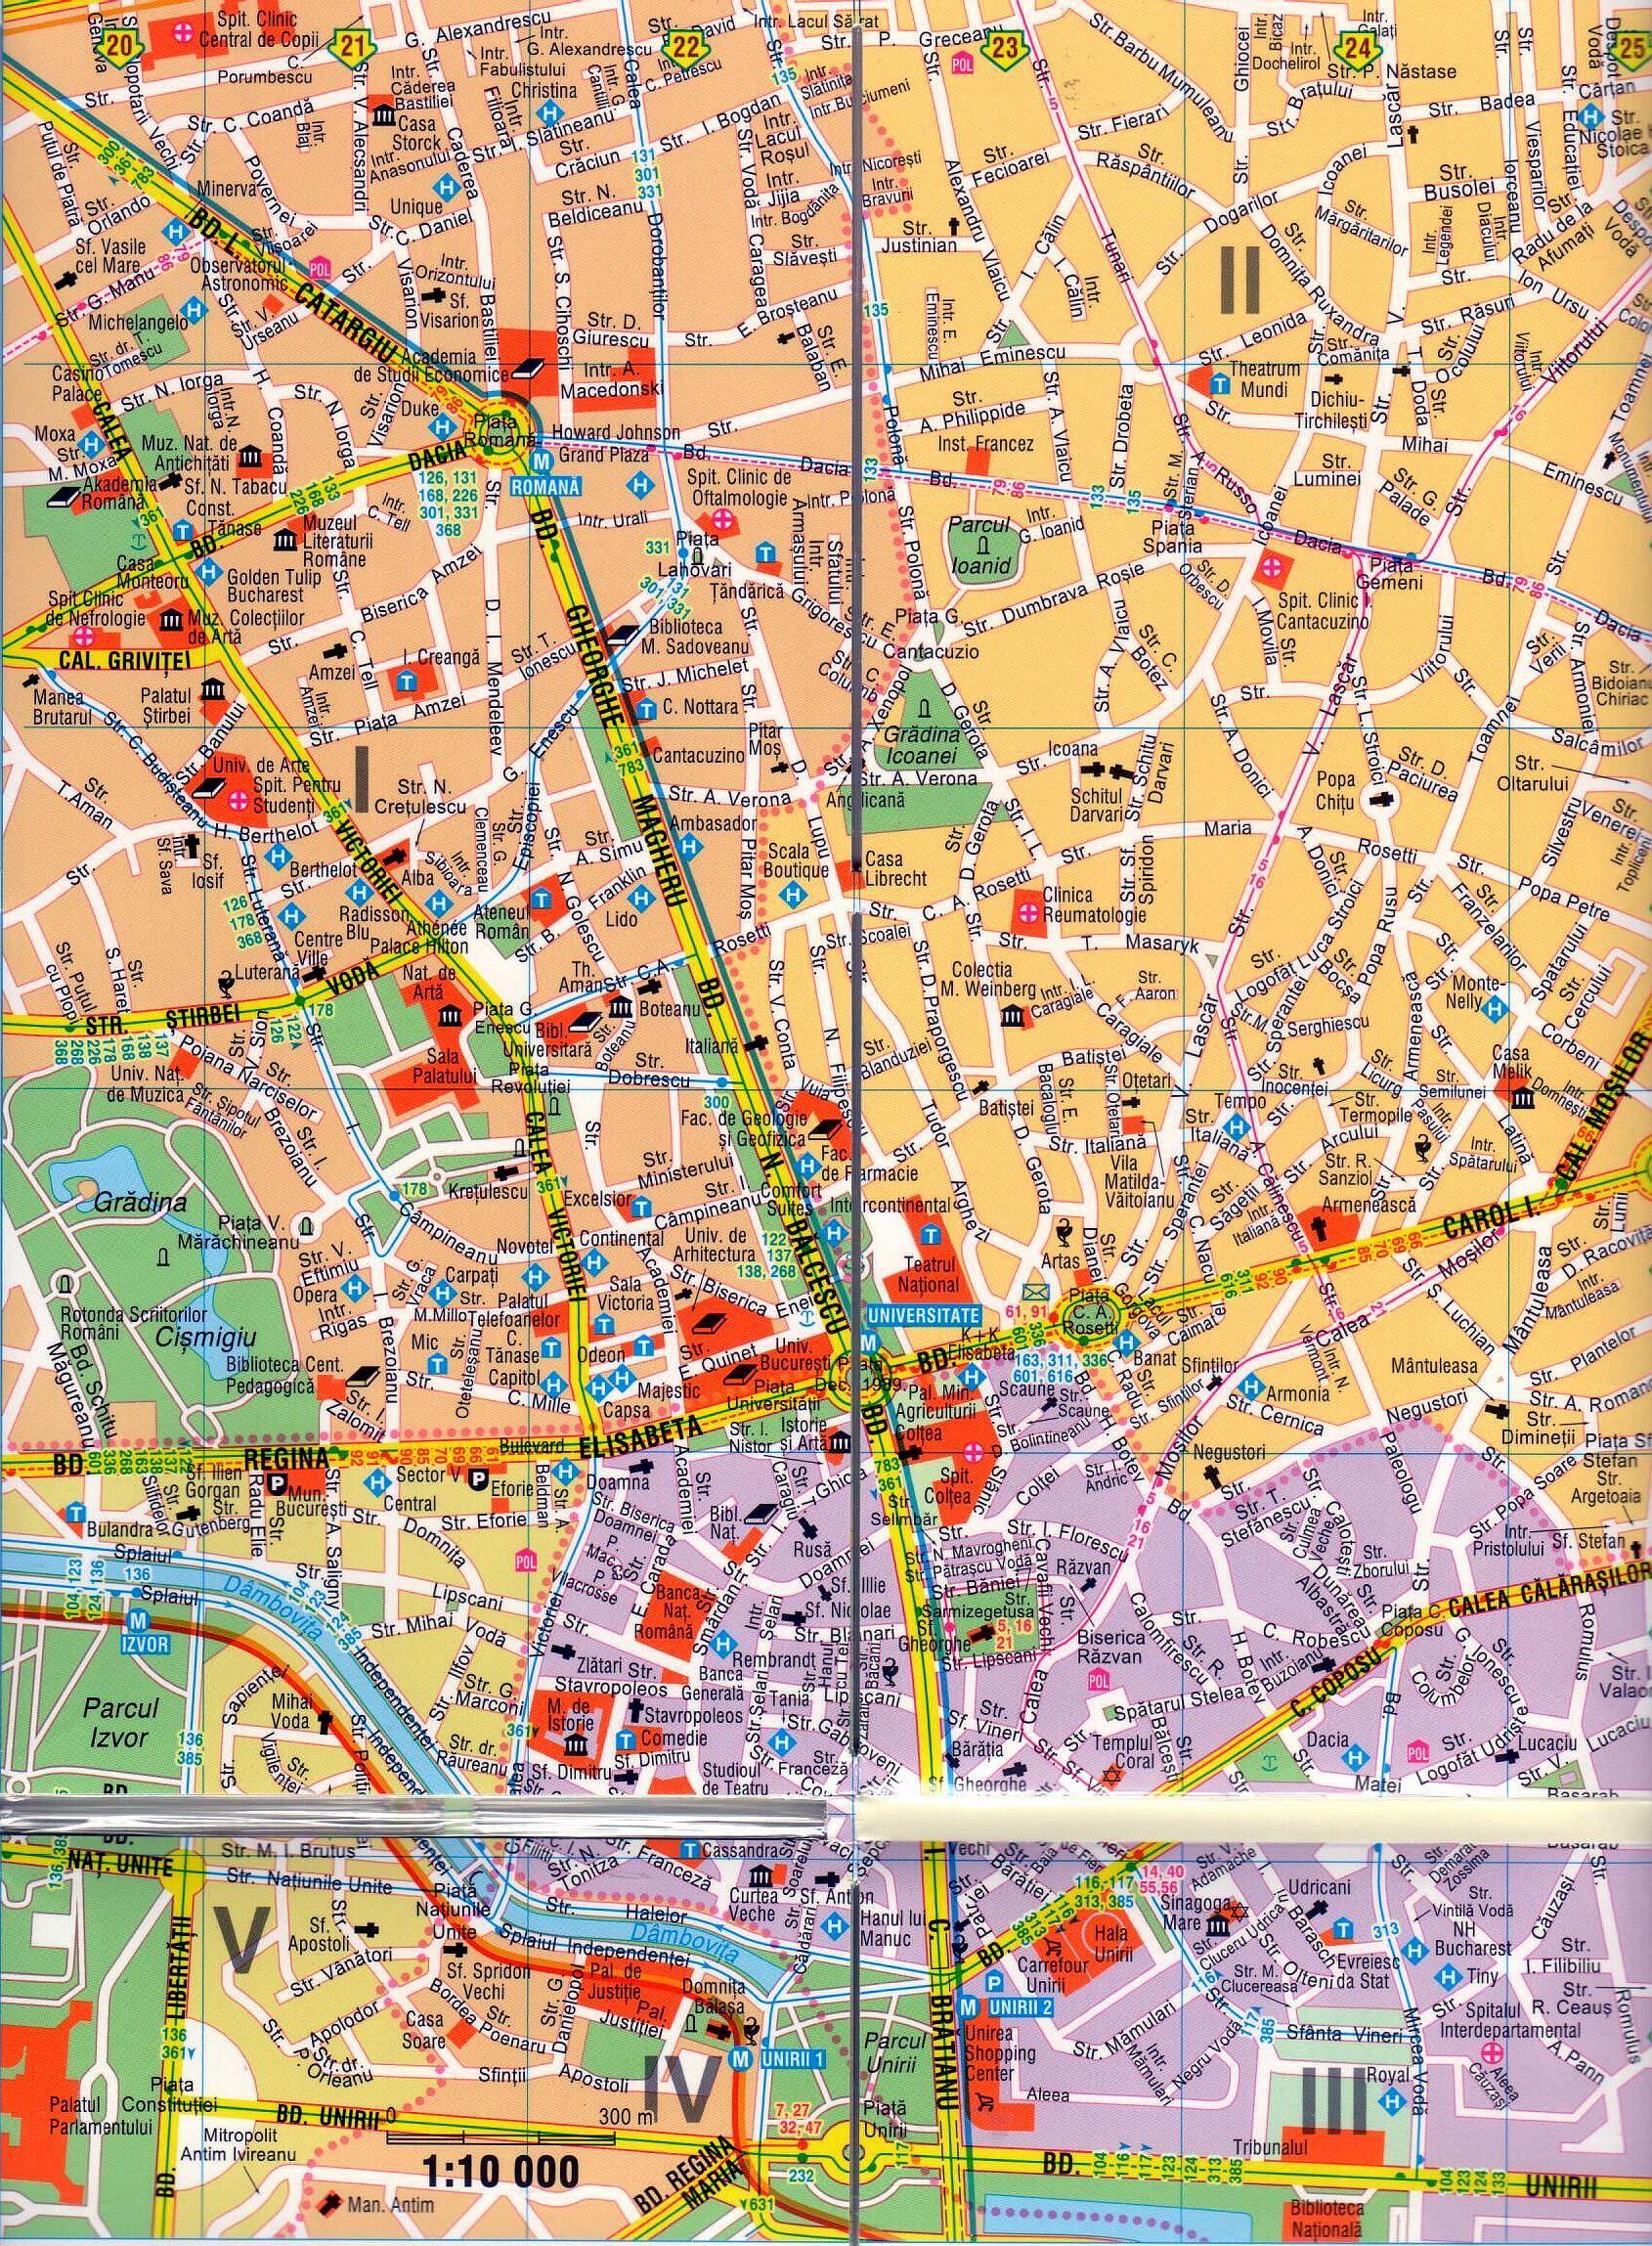 Bucuresti inner city samle map 1:10.000